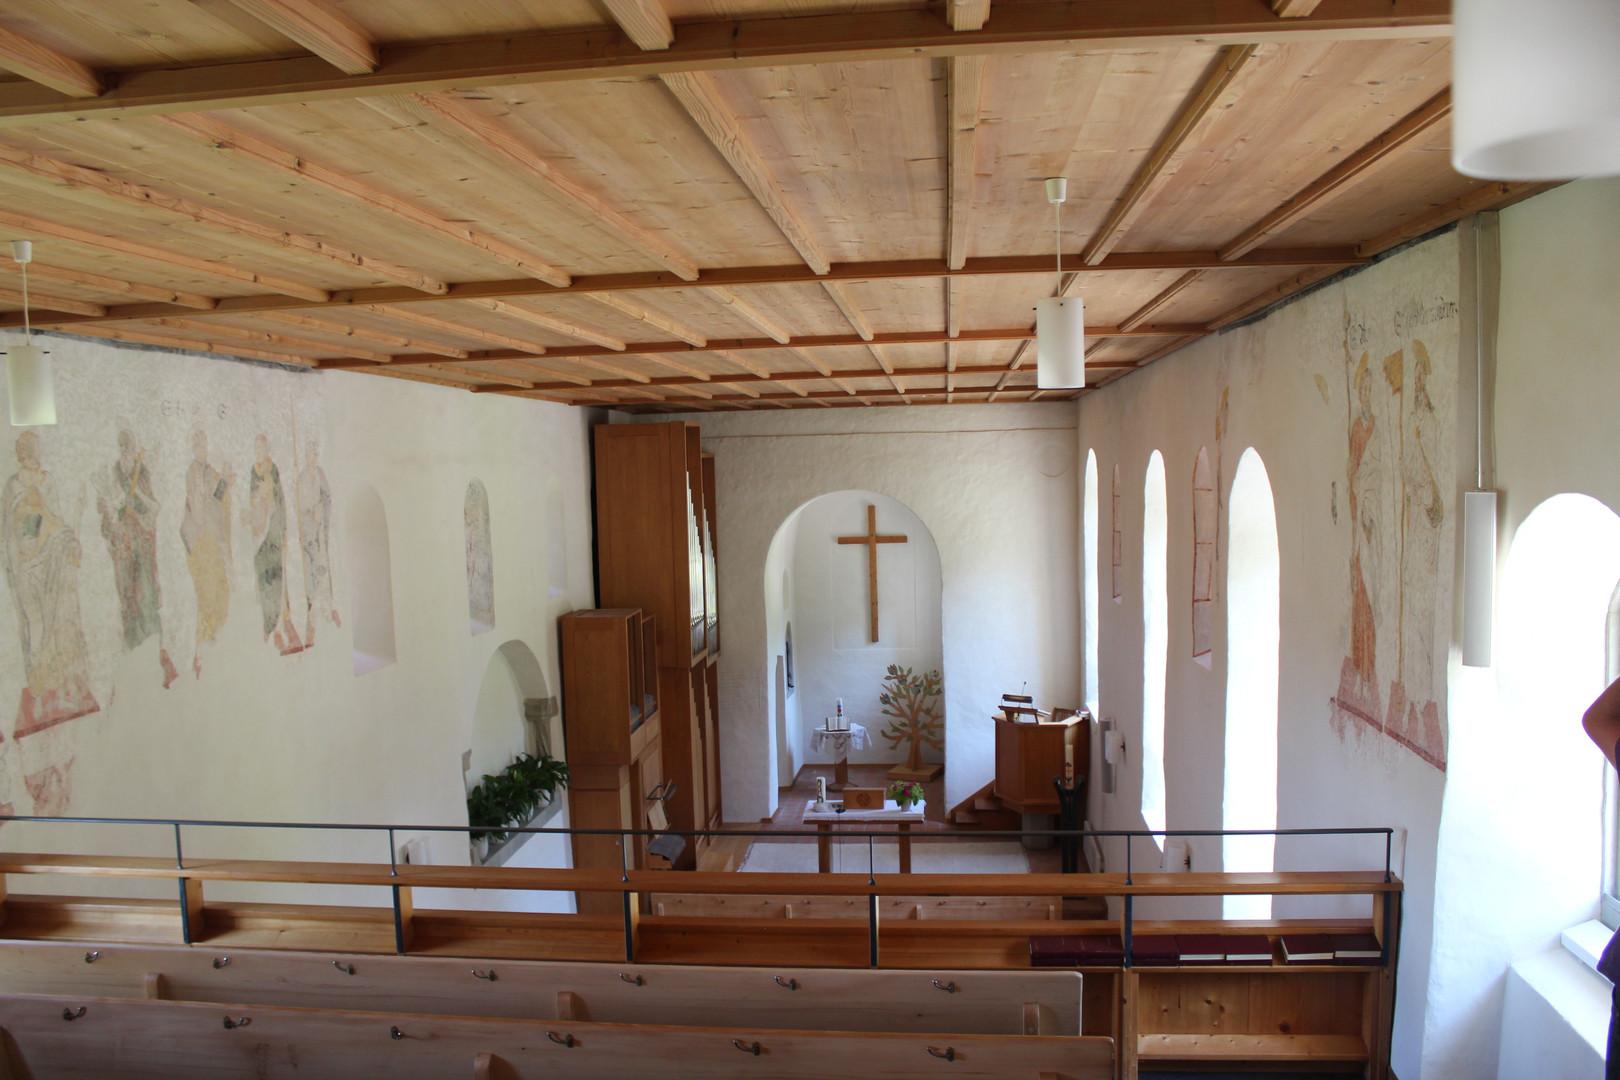 Evang. Kirche Dussnang innen 1